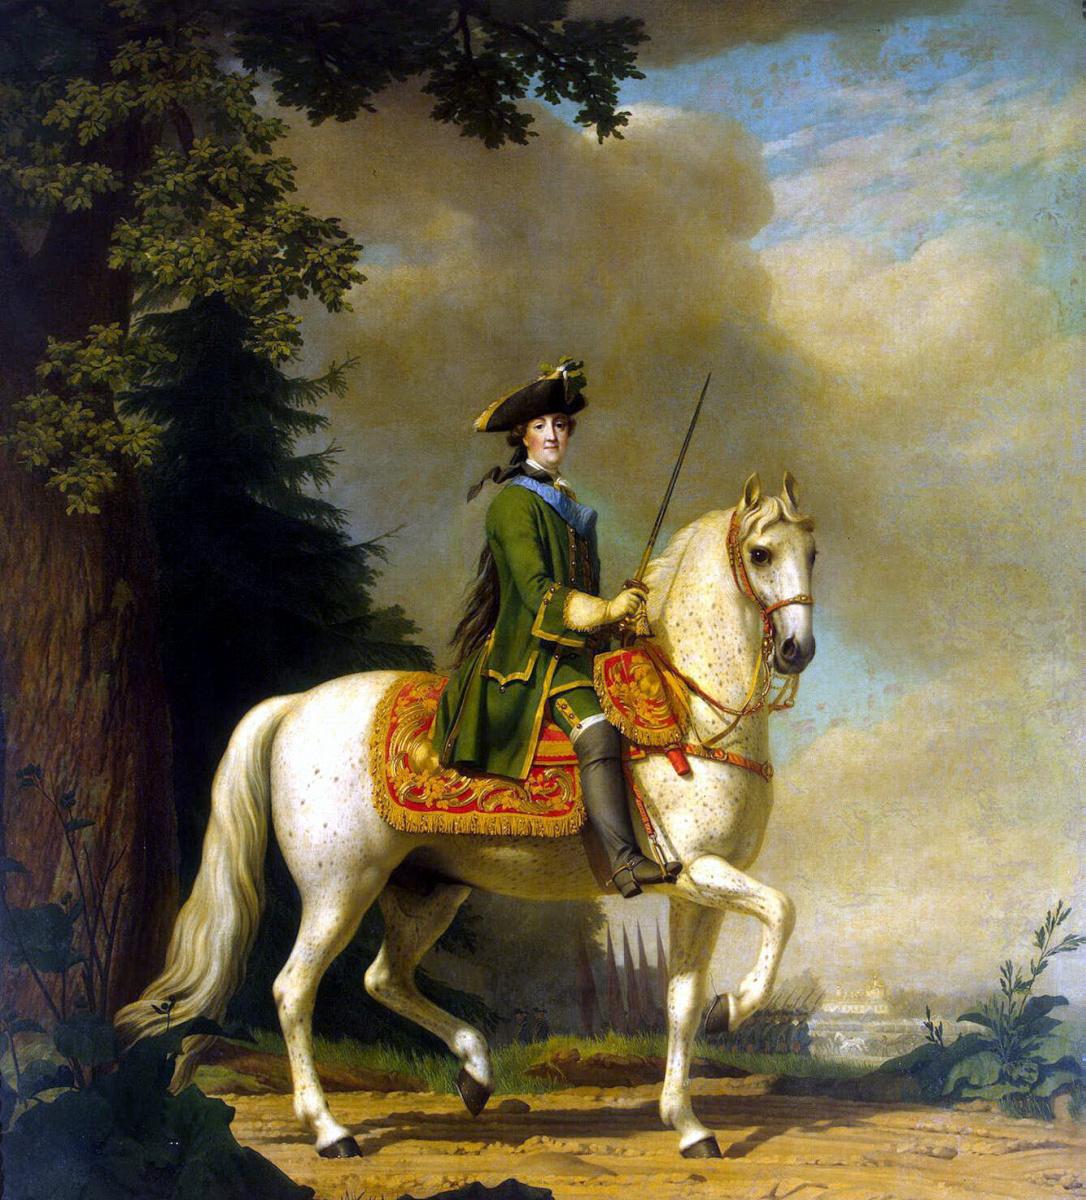 Виргилиус Эриксен. Портрет Екатерины II в гвардейском мундире на коне Бриллианте